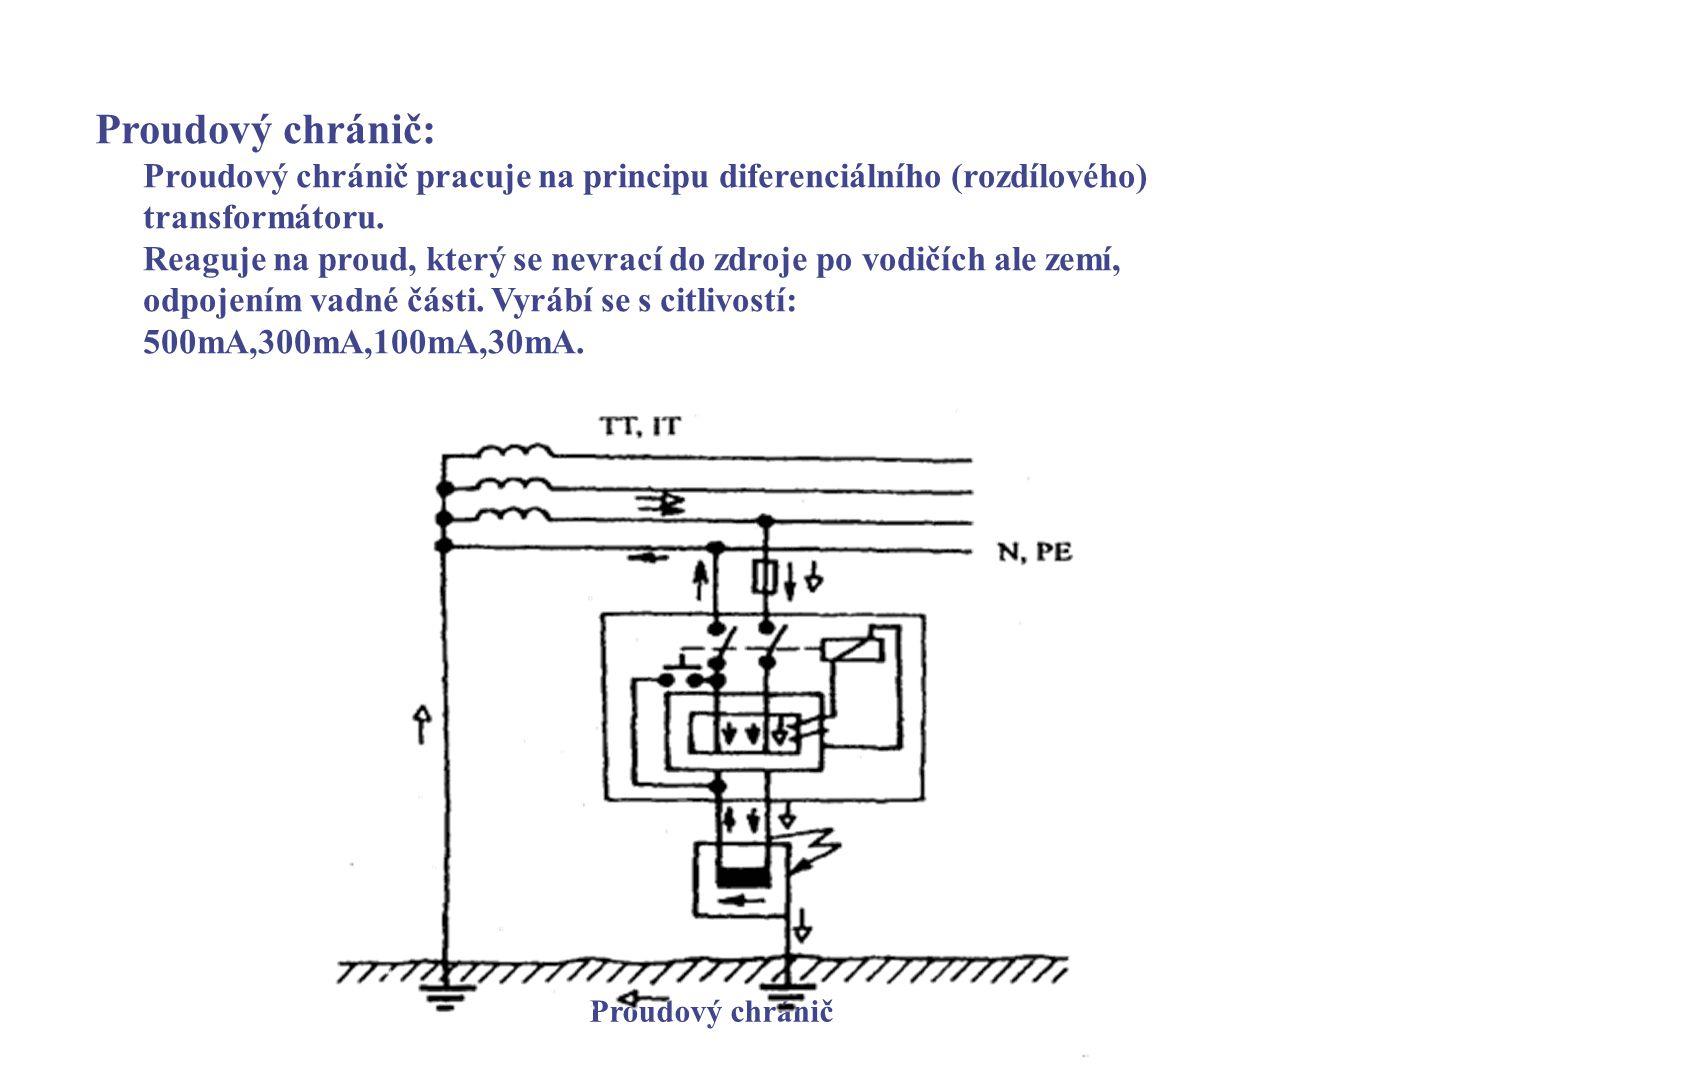 Proudový chránič: Proudový chránič pracuje na principu diferenciálního (rozdílového) transformátoru. Reaguje na proud, který se nevrací do zdroje po v